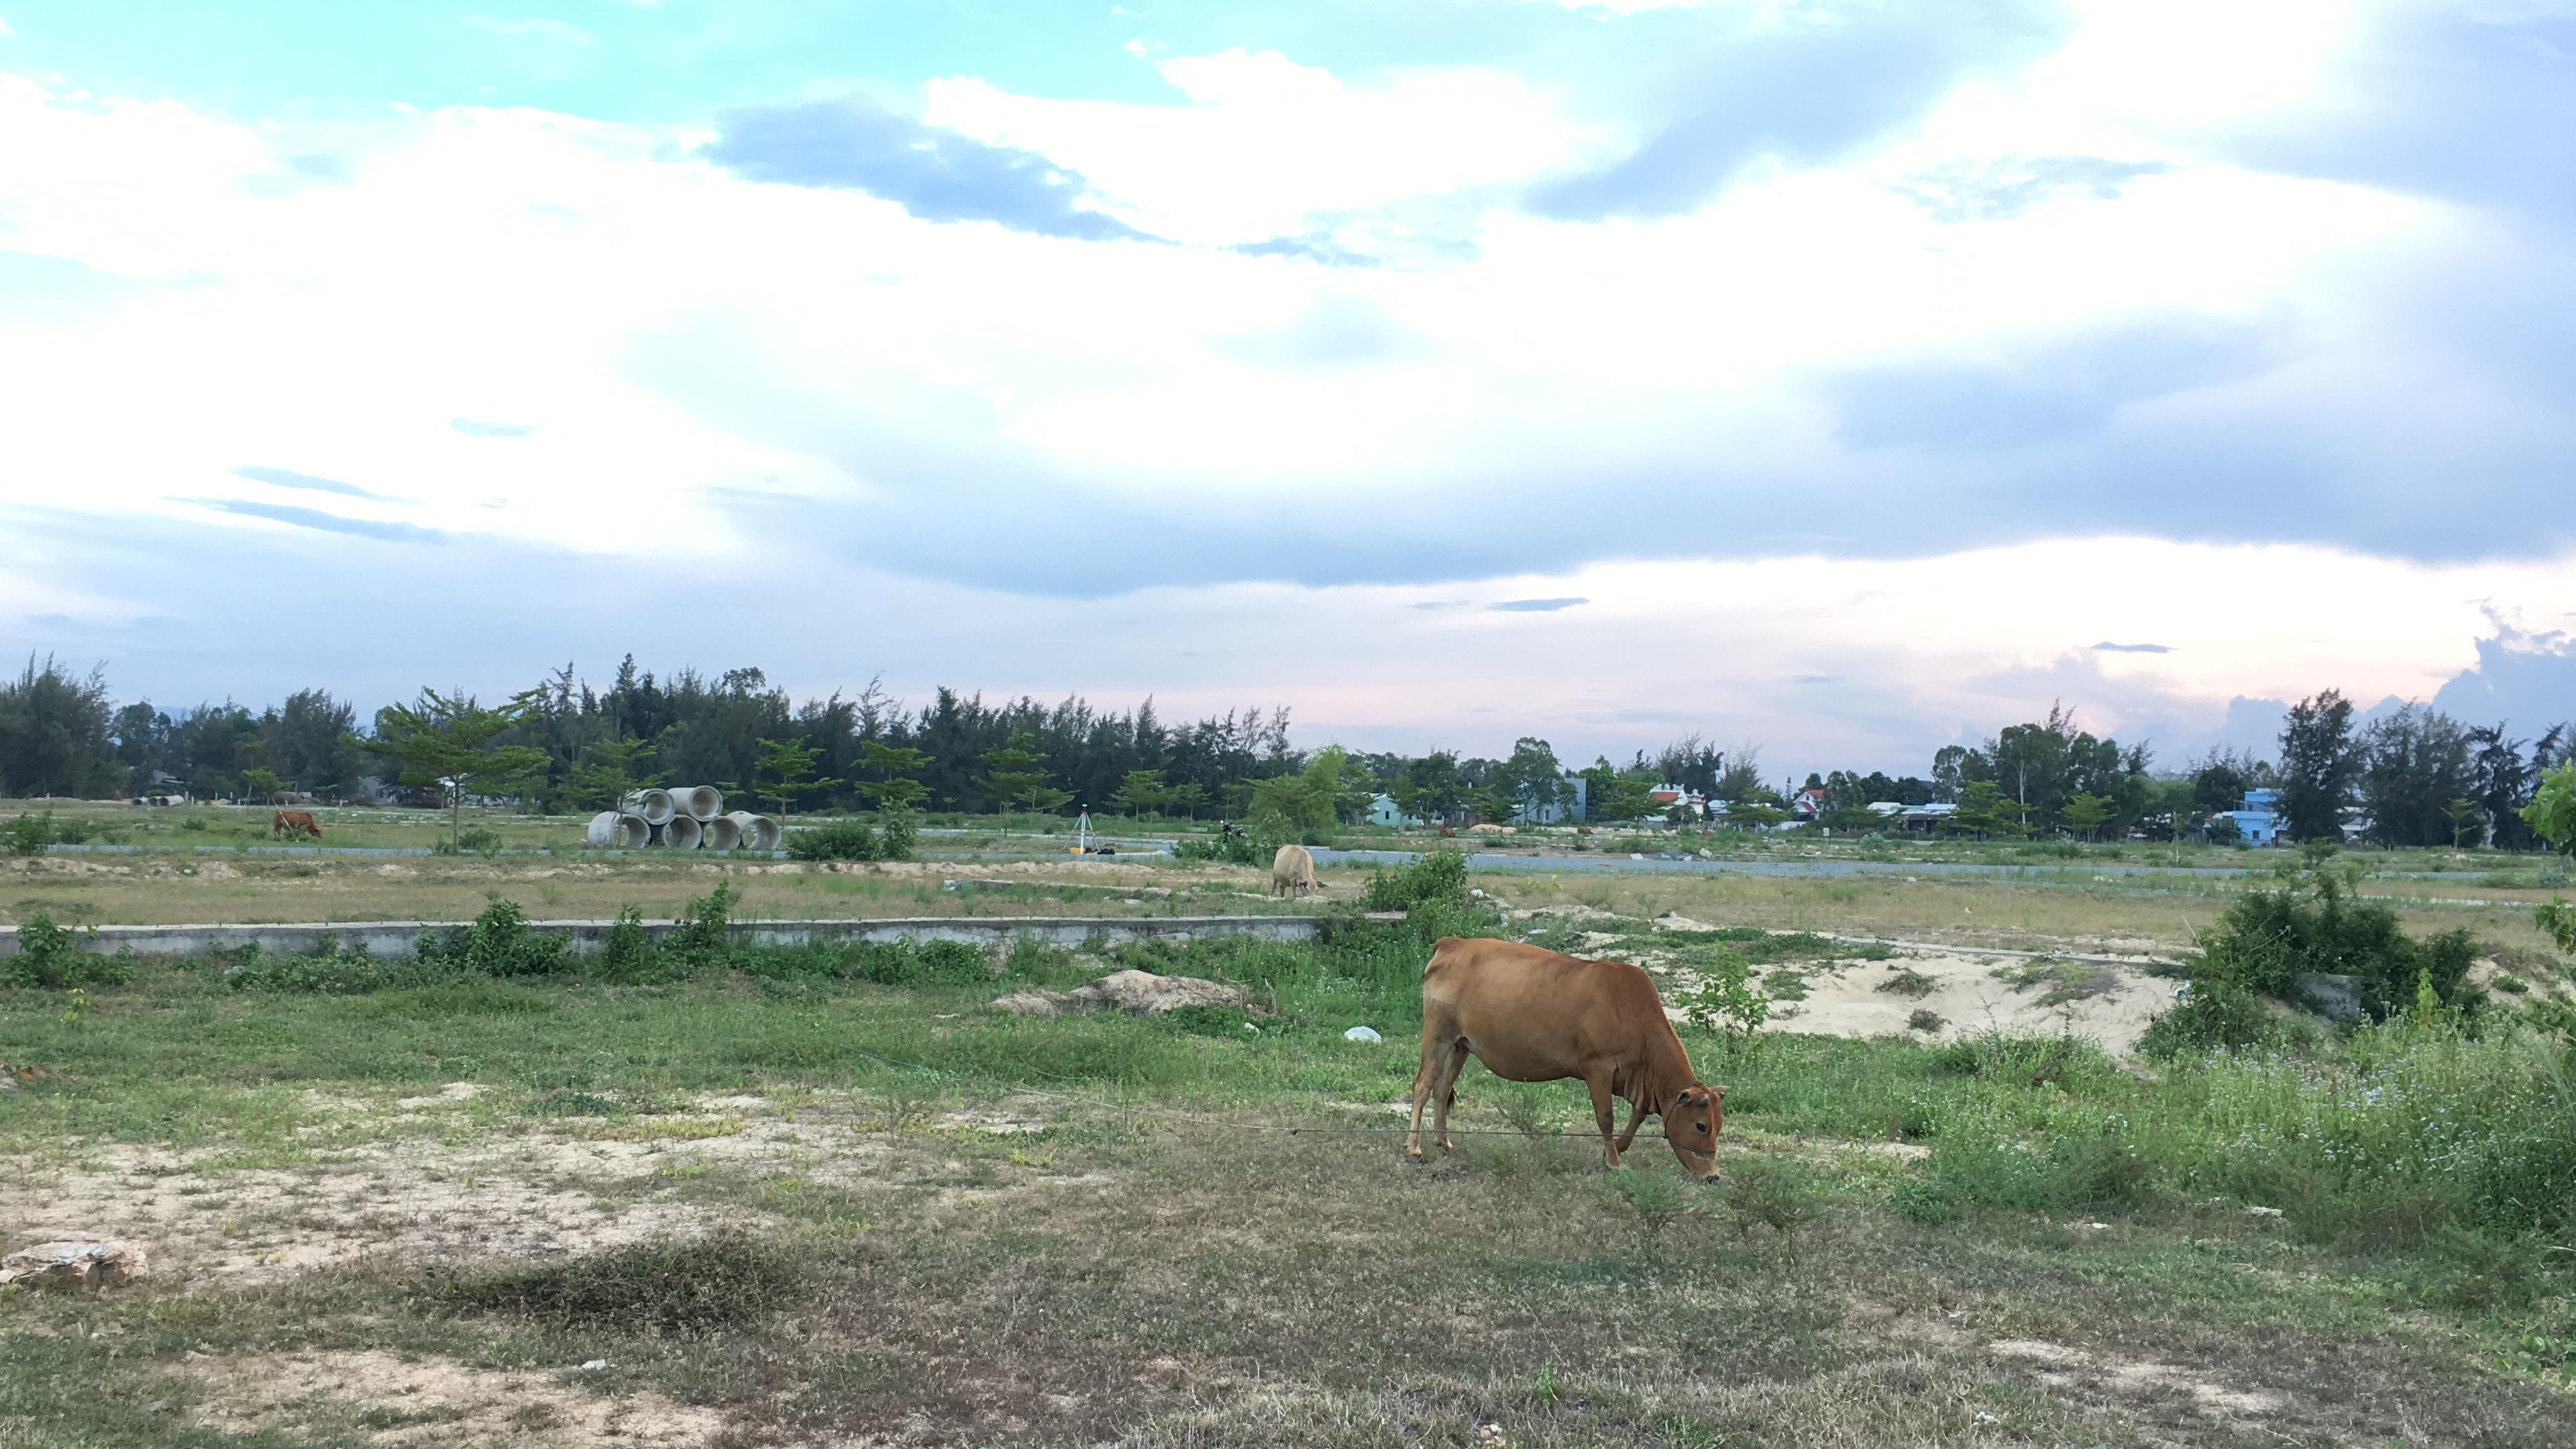 Quảng Nam: Dự án Khu đô thị 7B mở rộng hạ tầng dang dở, đang là nơi chăn thả bò - Ảnh 10.